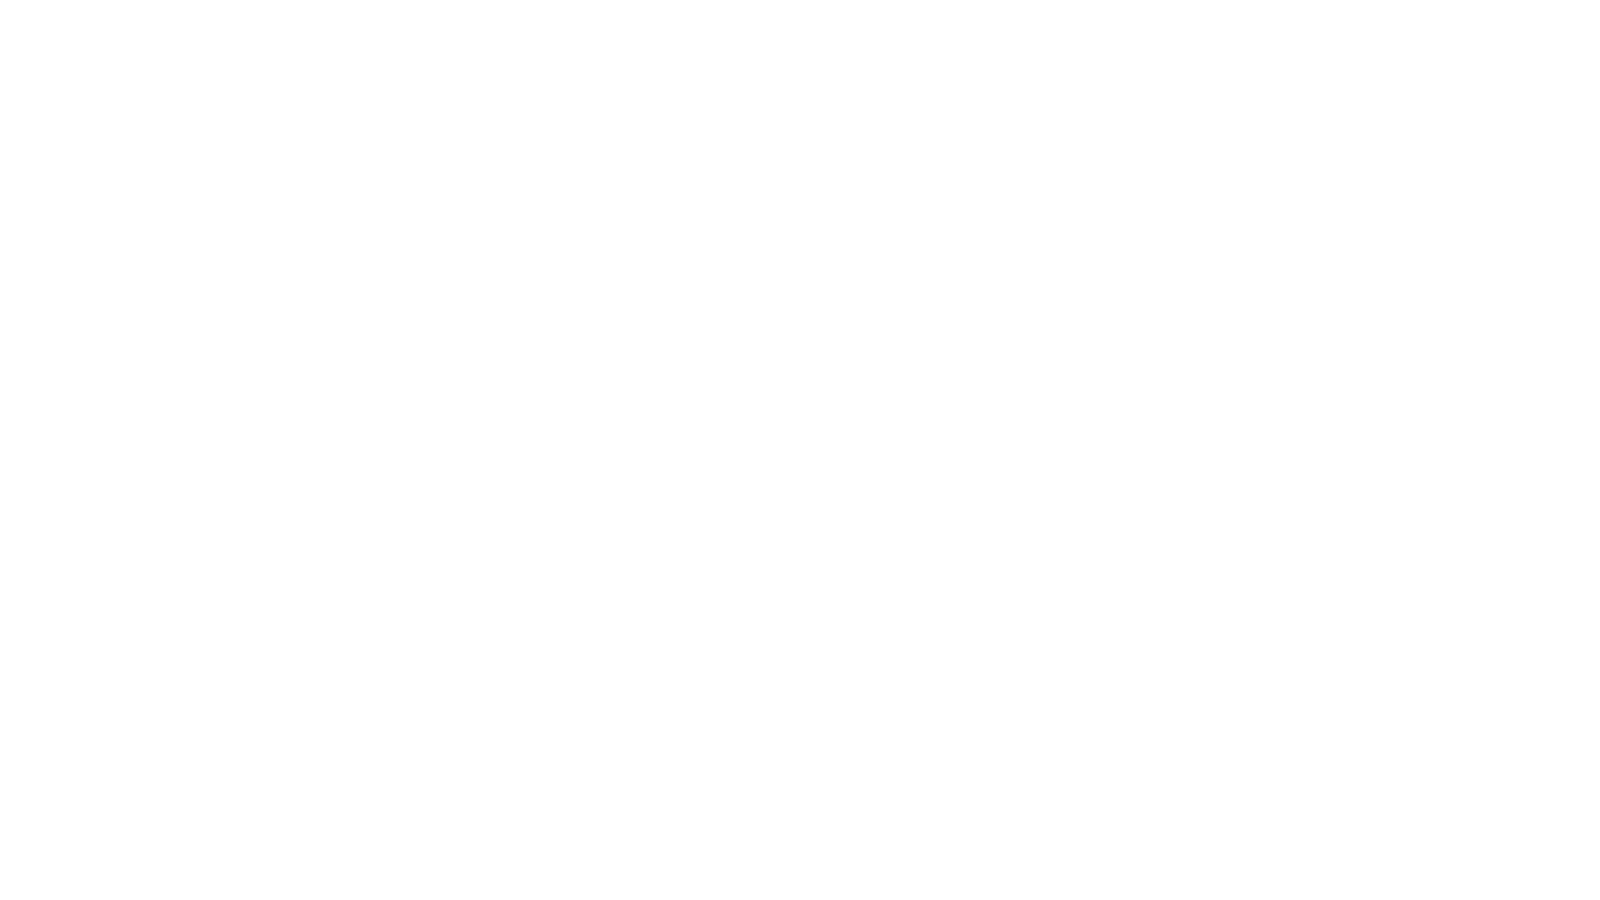 Çerkezköy sanayi sitesi udidoks  evye.  Toz toplama  siklonlu sistem